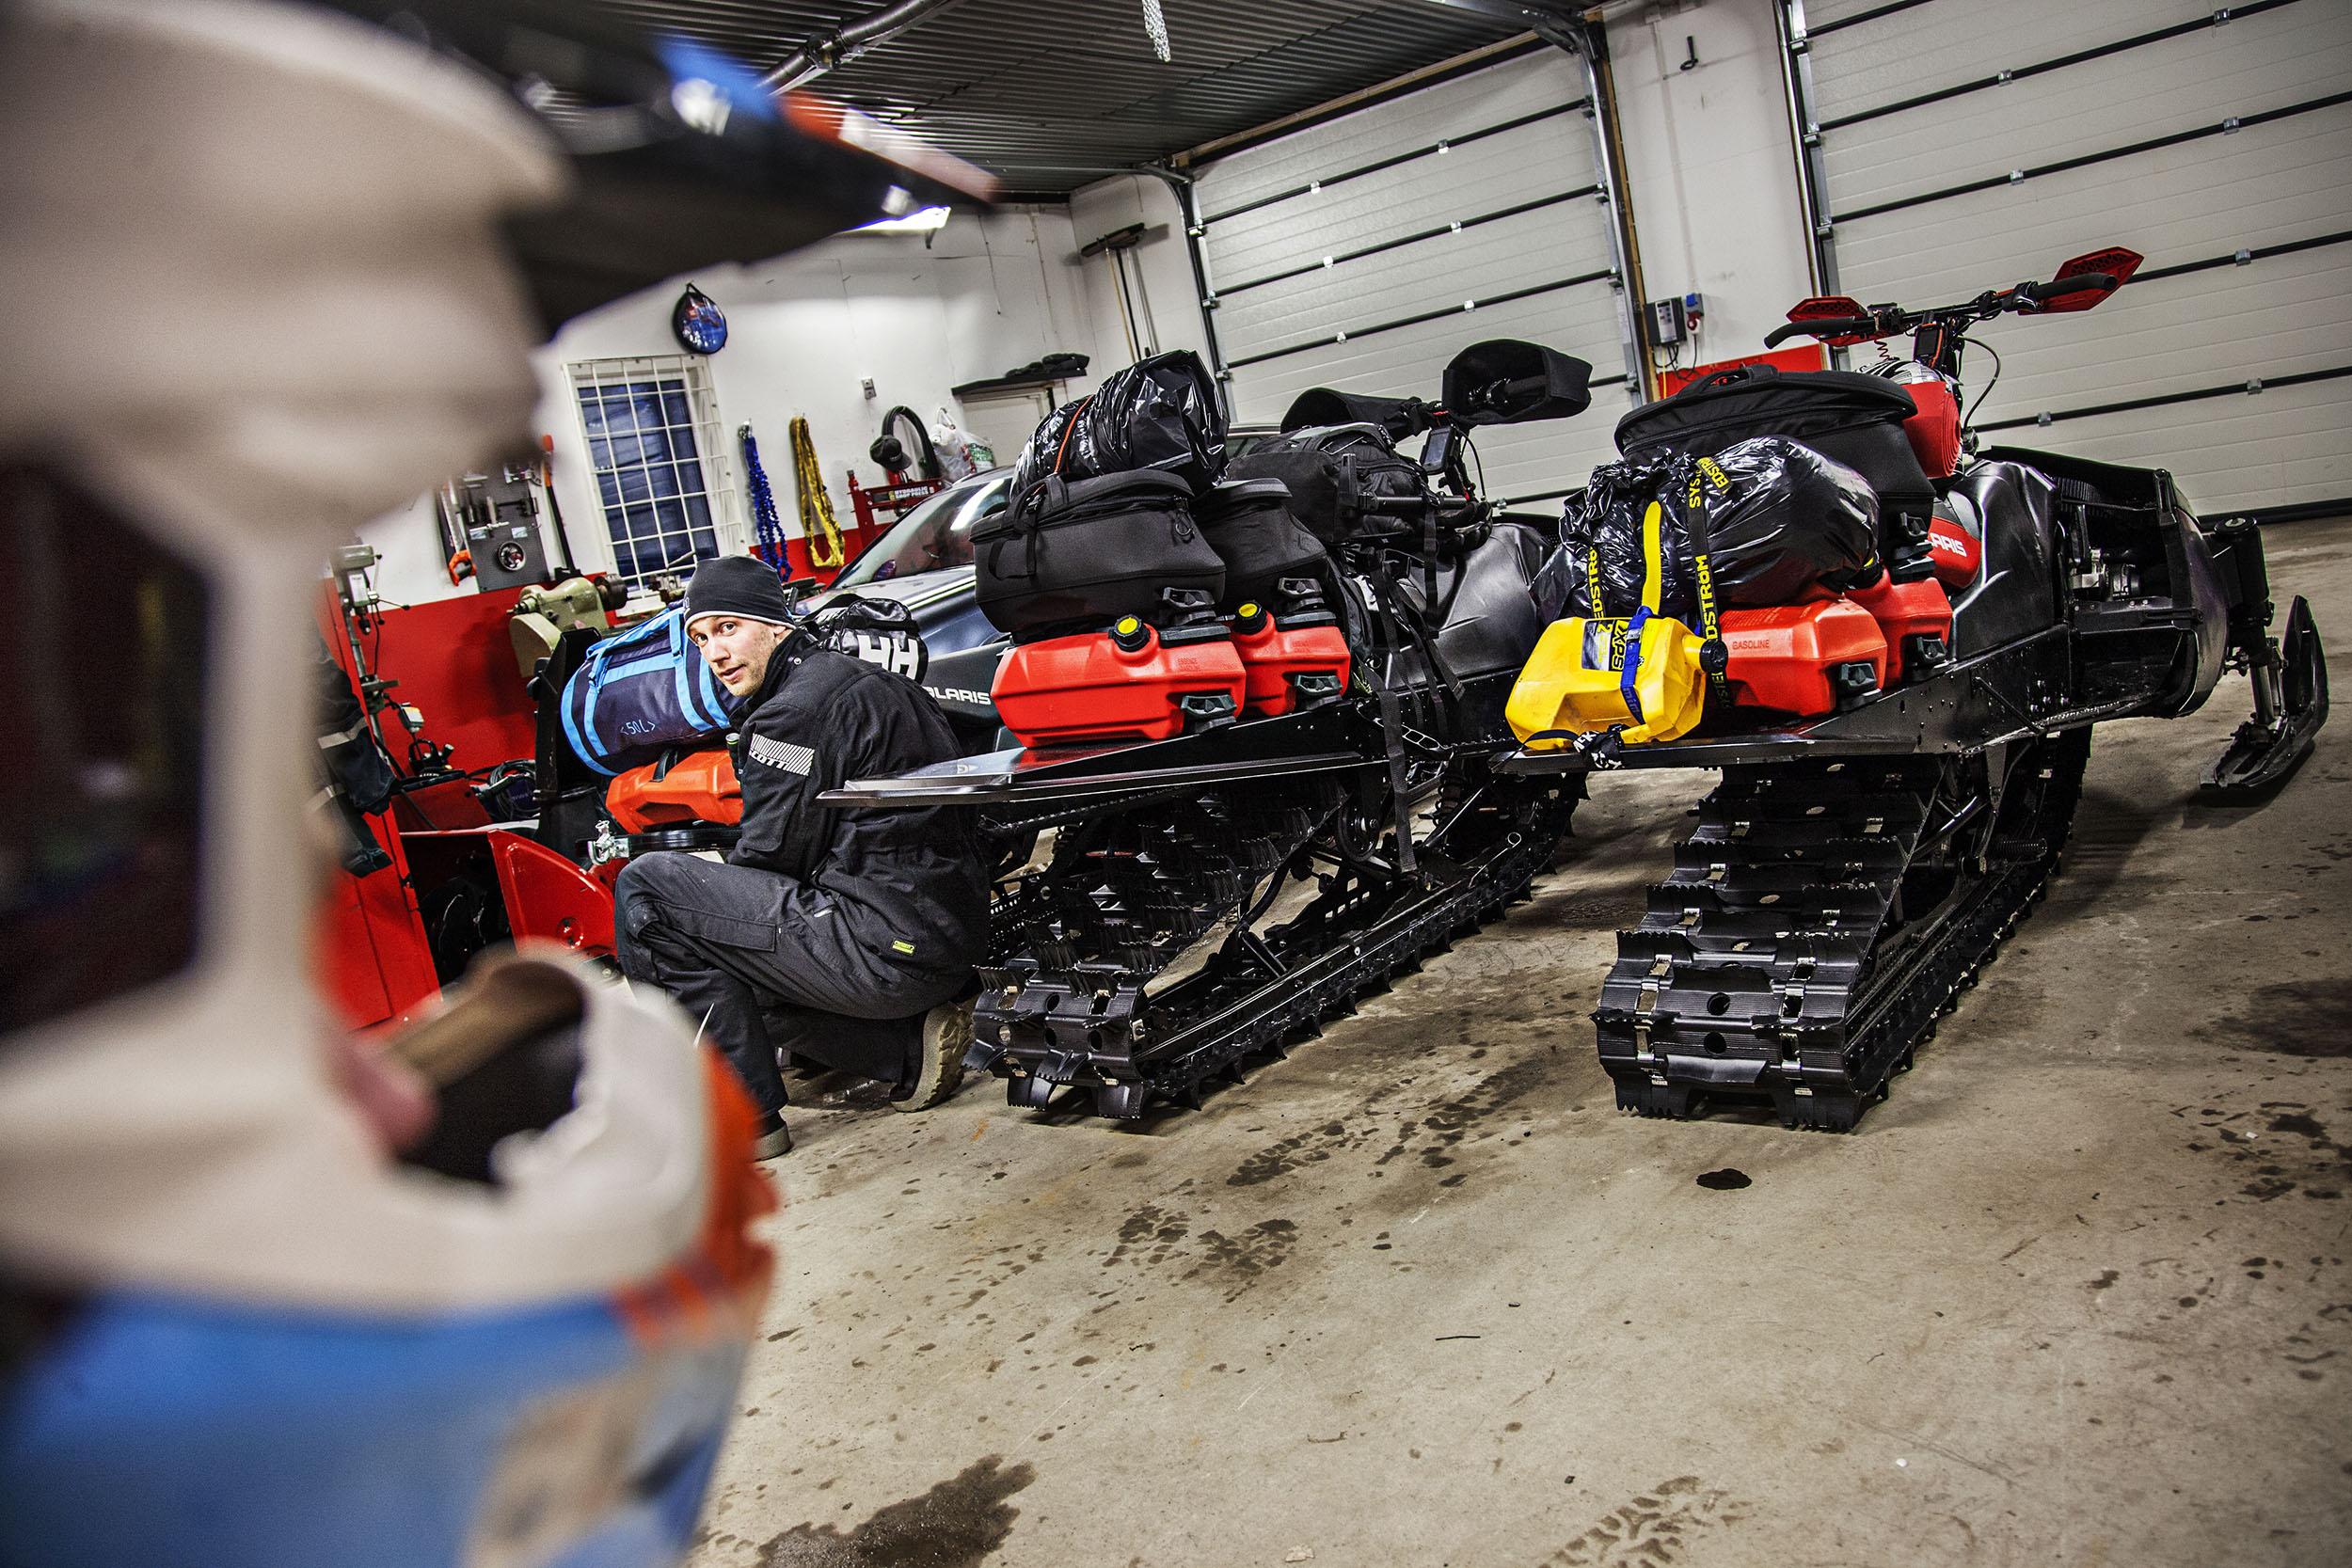 Jonas spänner fast packningen på sin SRV 540 som i likhet med de två andra maskinerna tappat mellan 30-40 kilo i onödig vikt och fått boggies, drivmattor samt tankar från moderna snöskotrar. Det kan även hända att effekten som uppges i respektive registreringsbevis är lite missvisande.